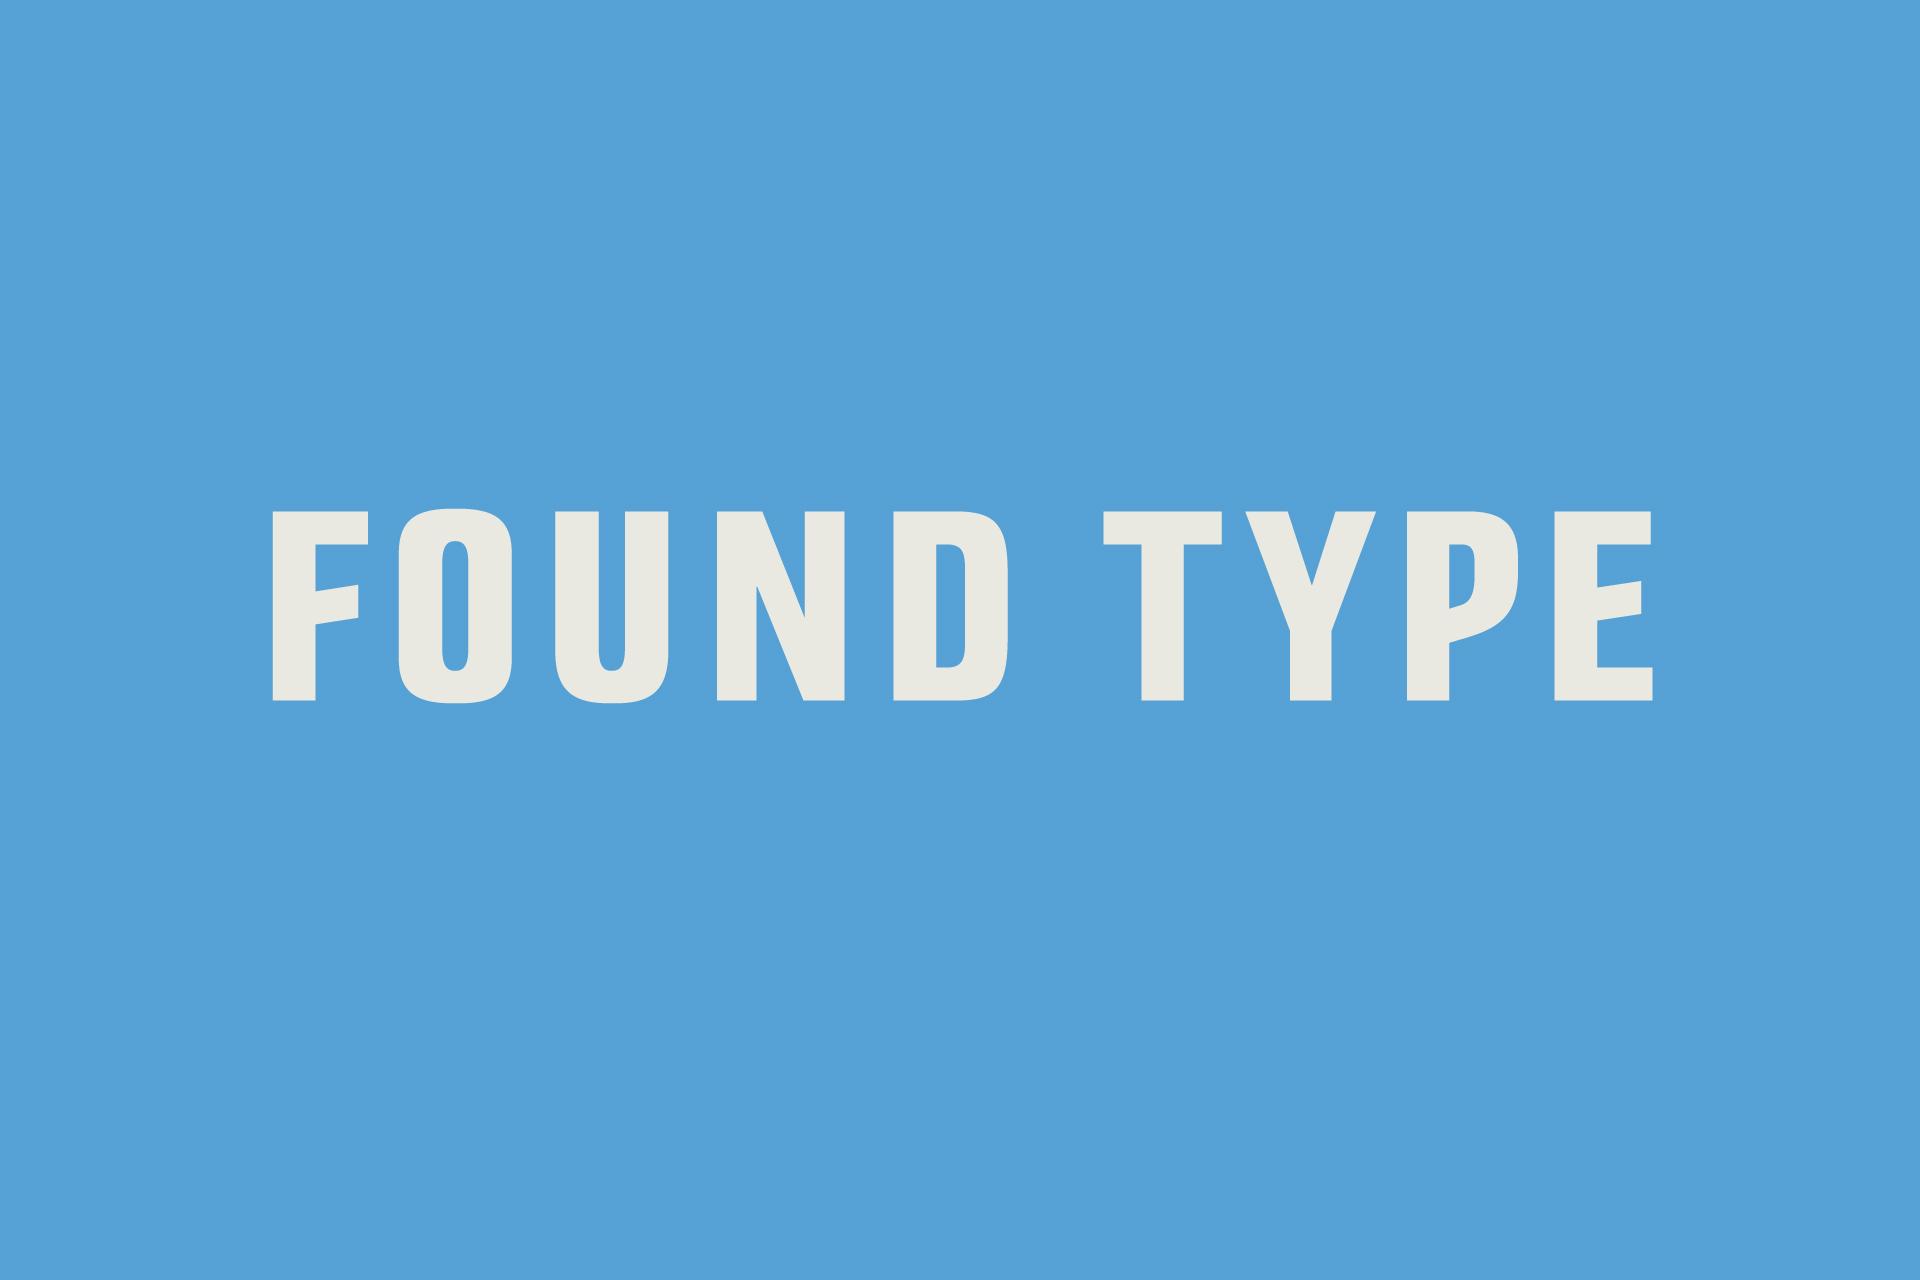 Found Type